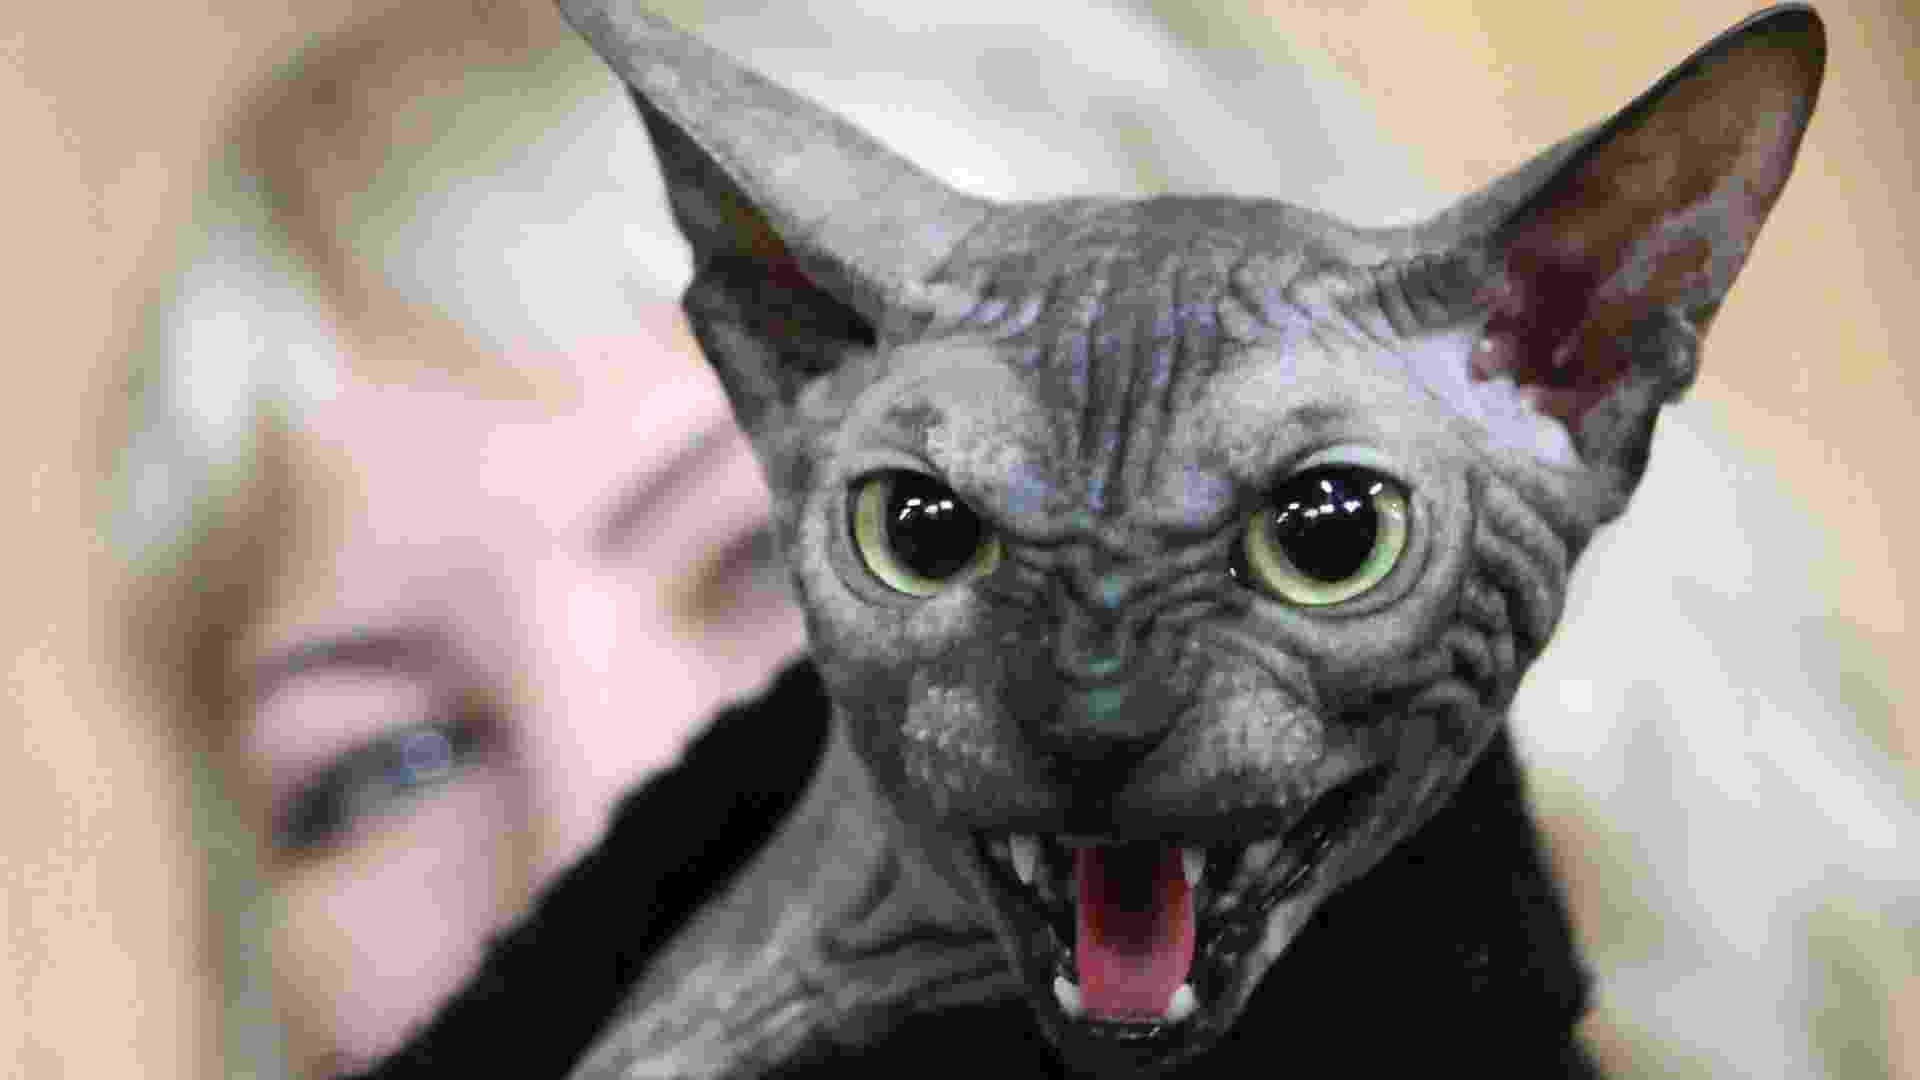 Gato com cara de mau rouba atenção em exposição de gatos no Quirguistão - Vladimir Pirogov/Reuters